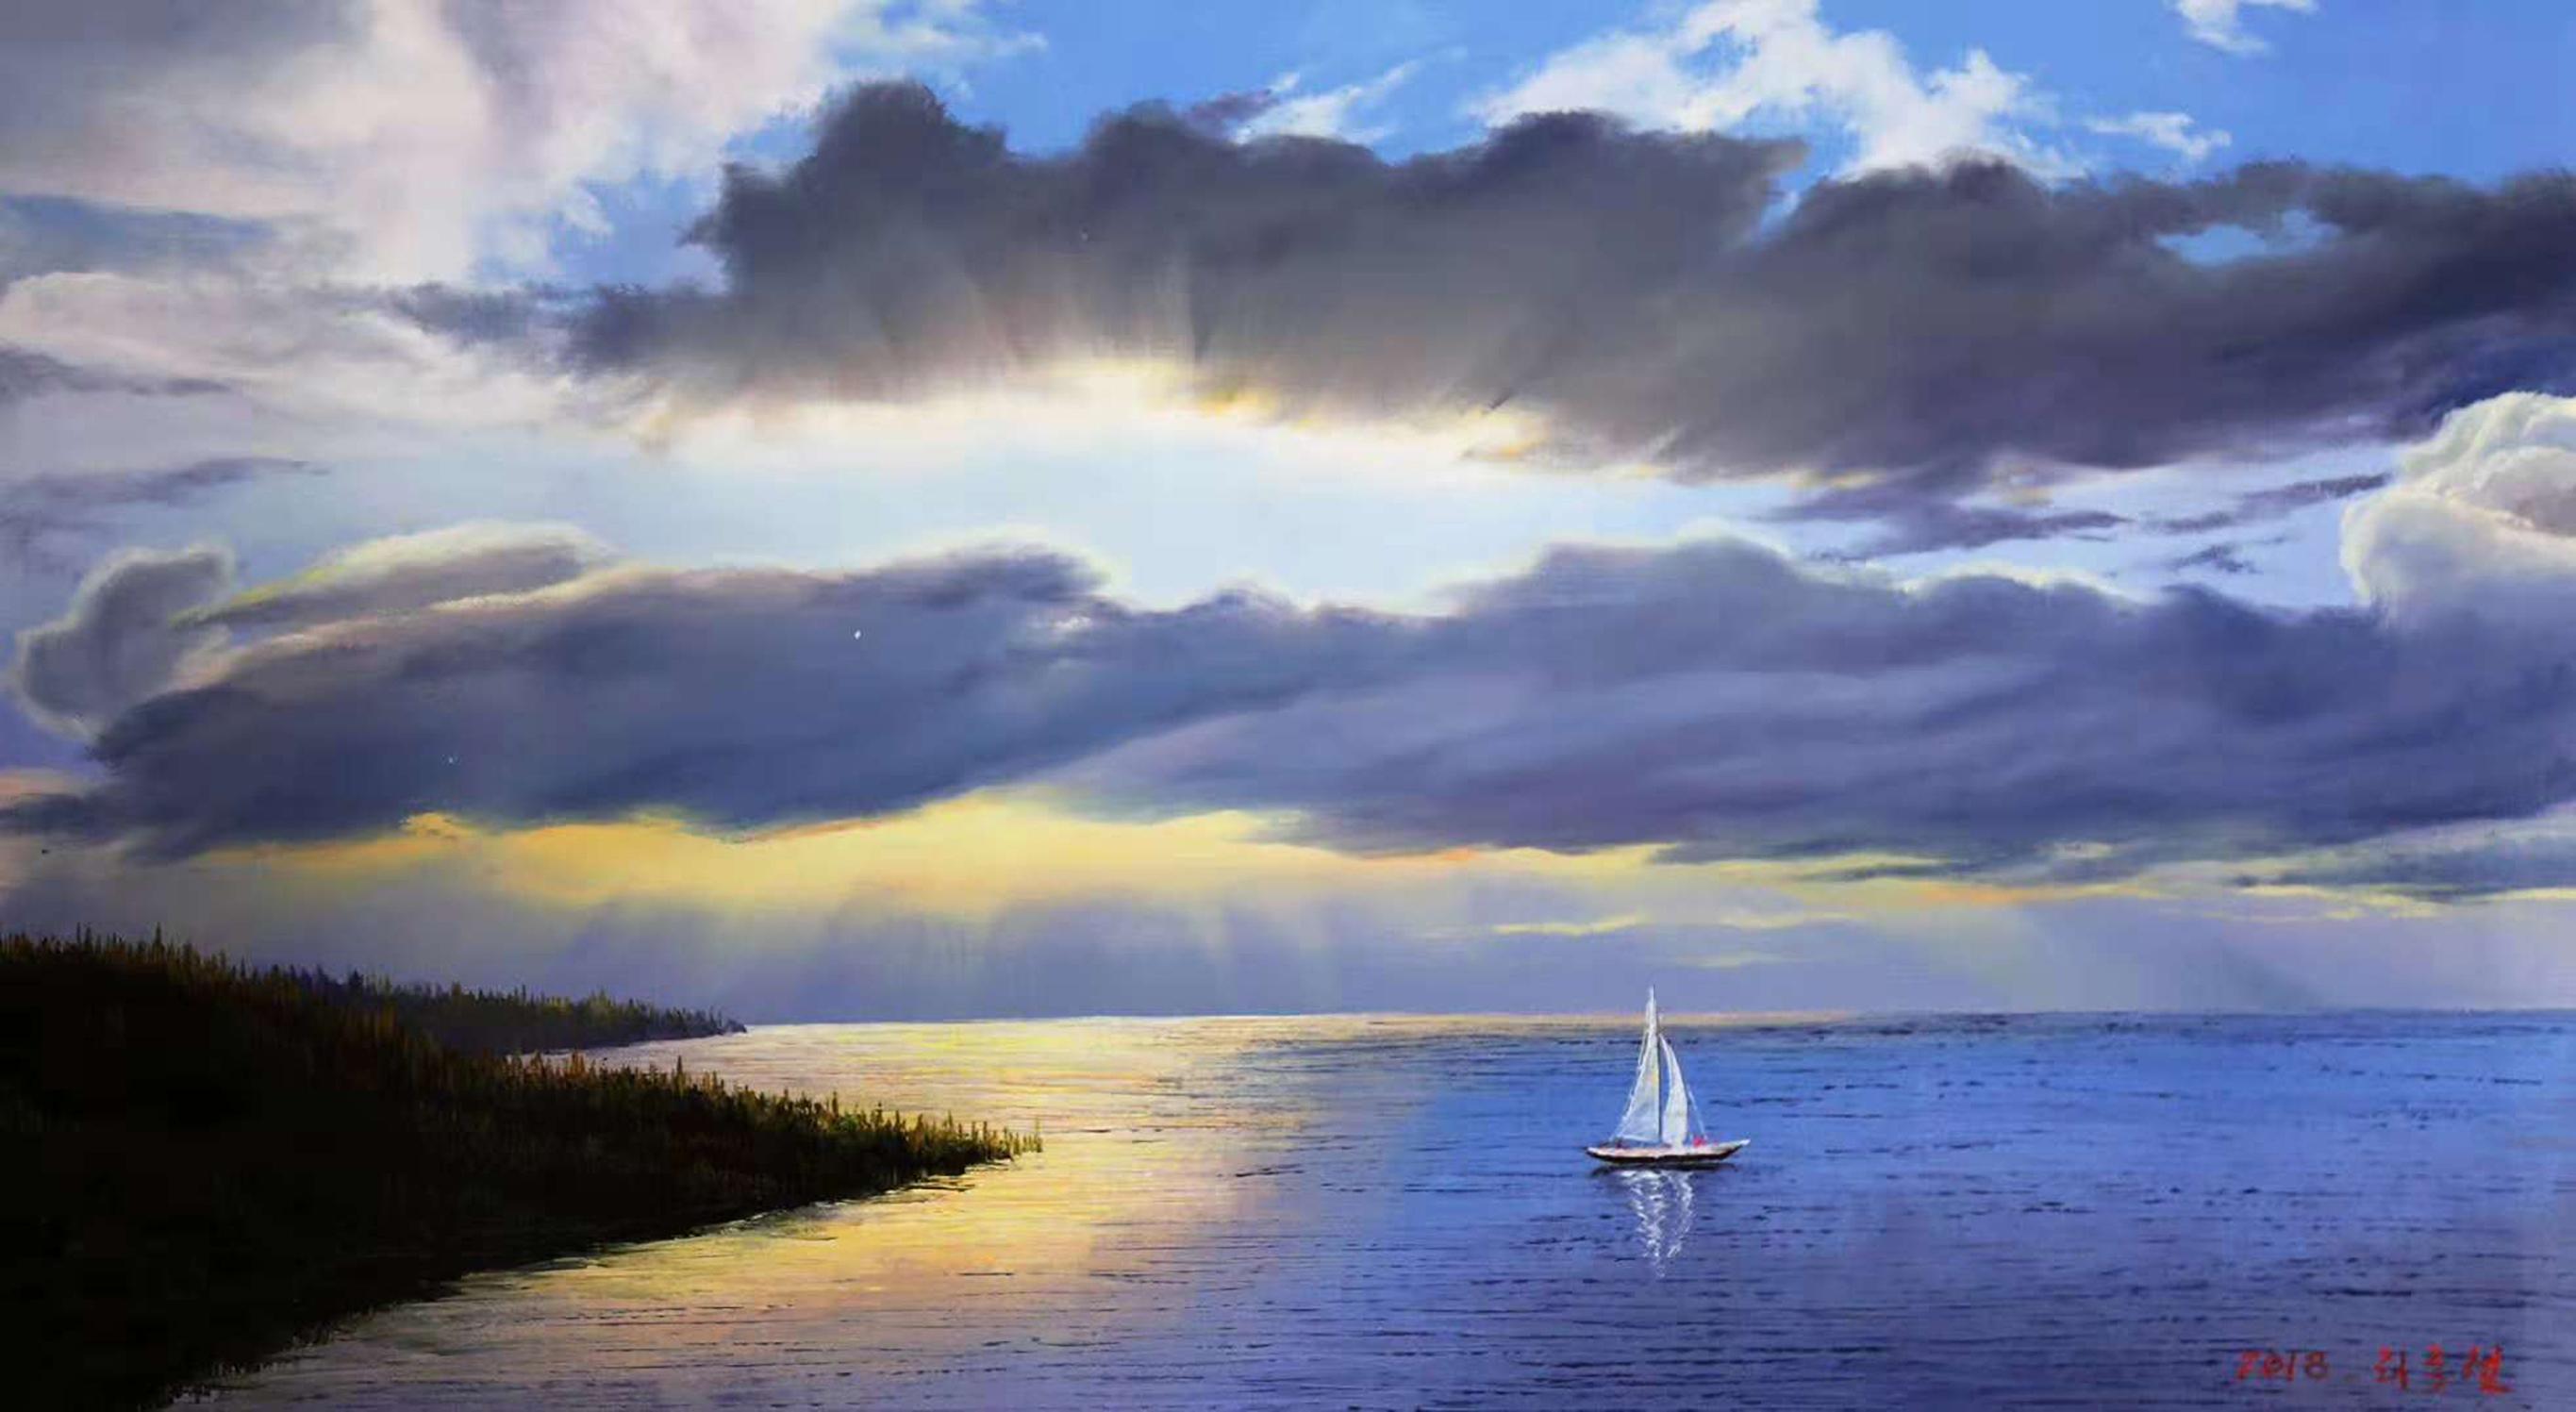 油画风景:画家笔下的一年四季景色,春天的湖水和冬天